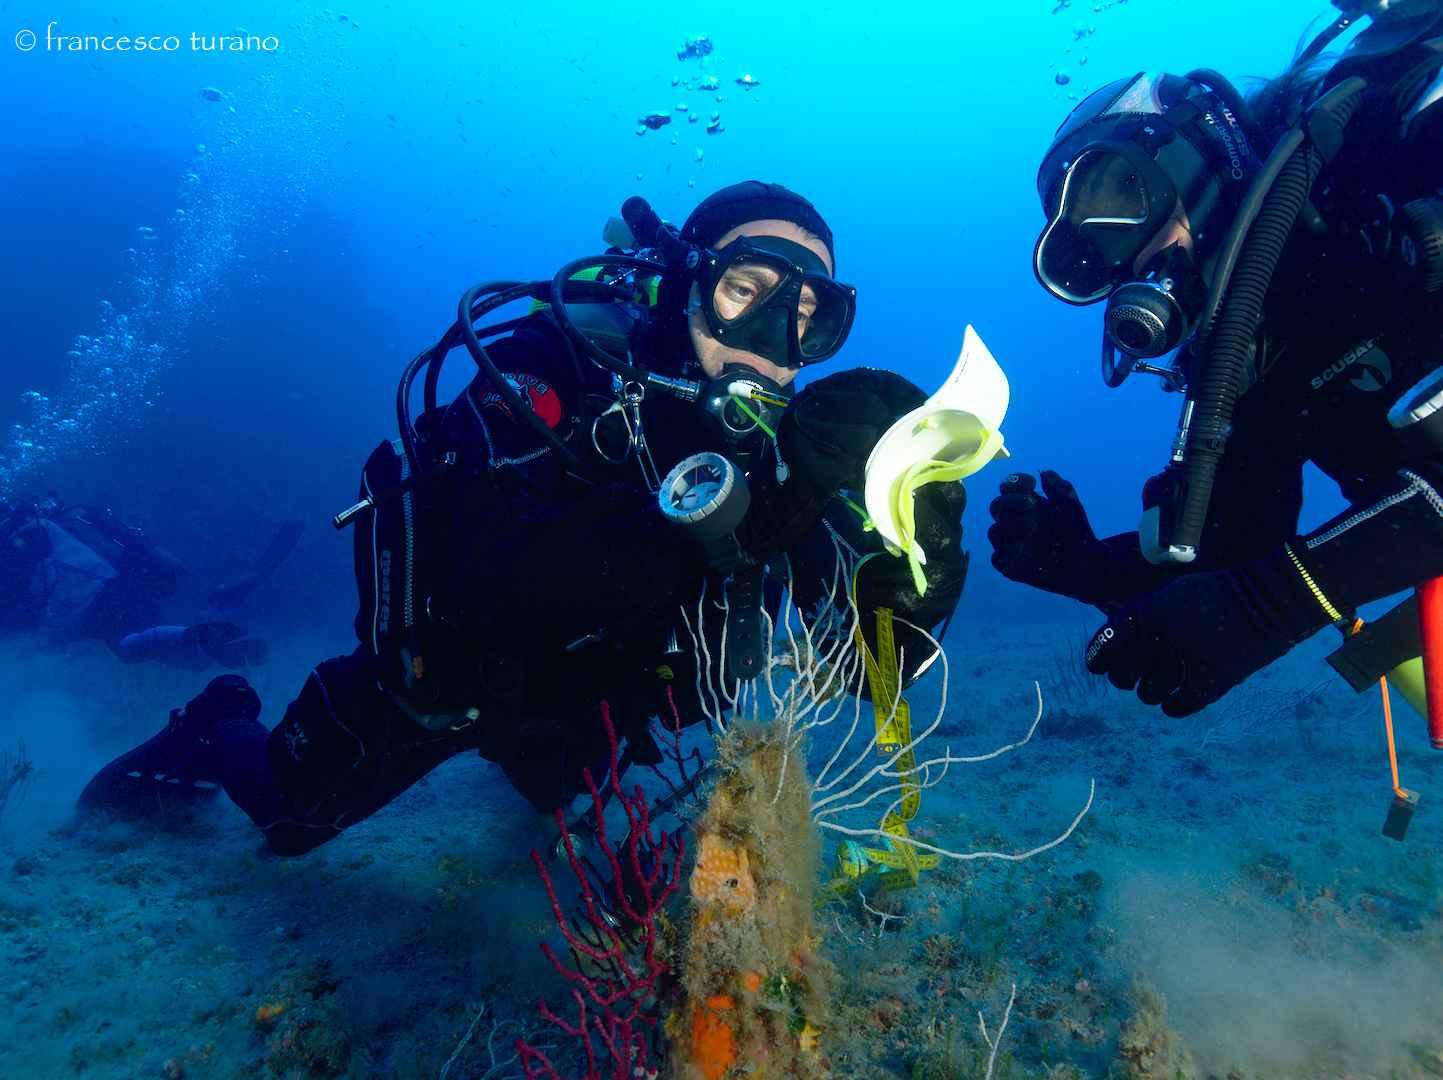 Corsi di Biologia marina,Immersioni Subacquee Milazzo,Escursioni,Snorkeling-Blunauta Diving